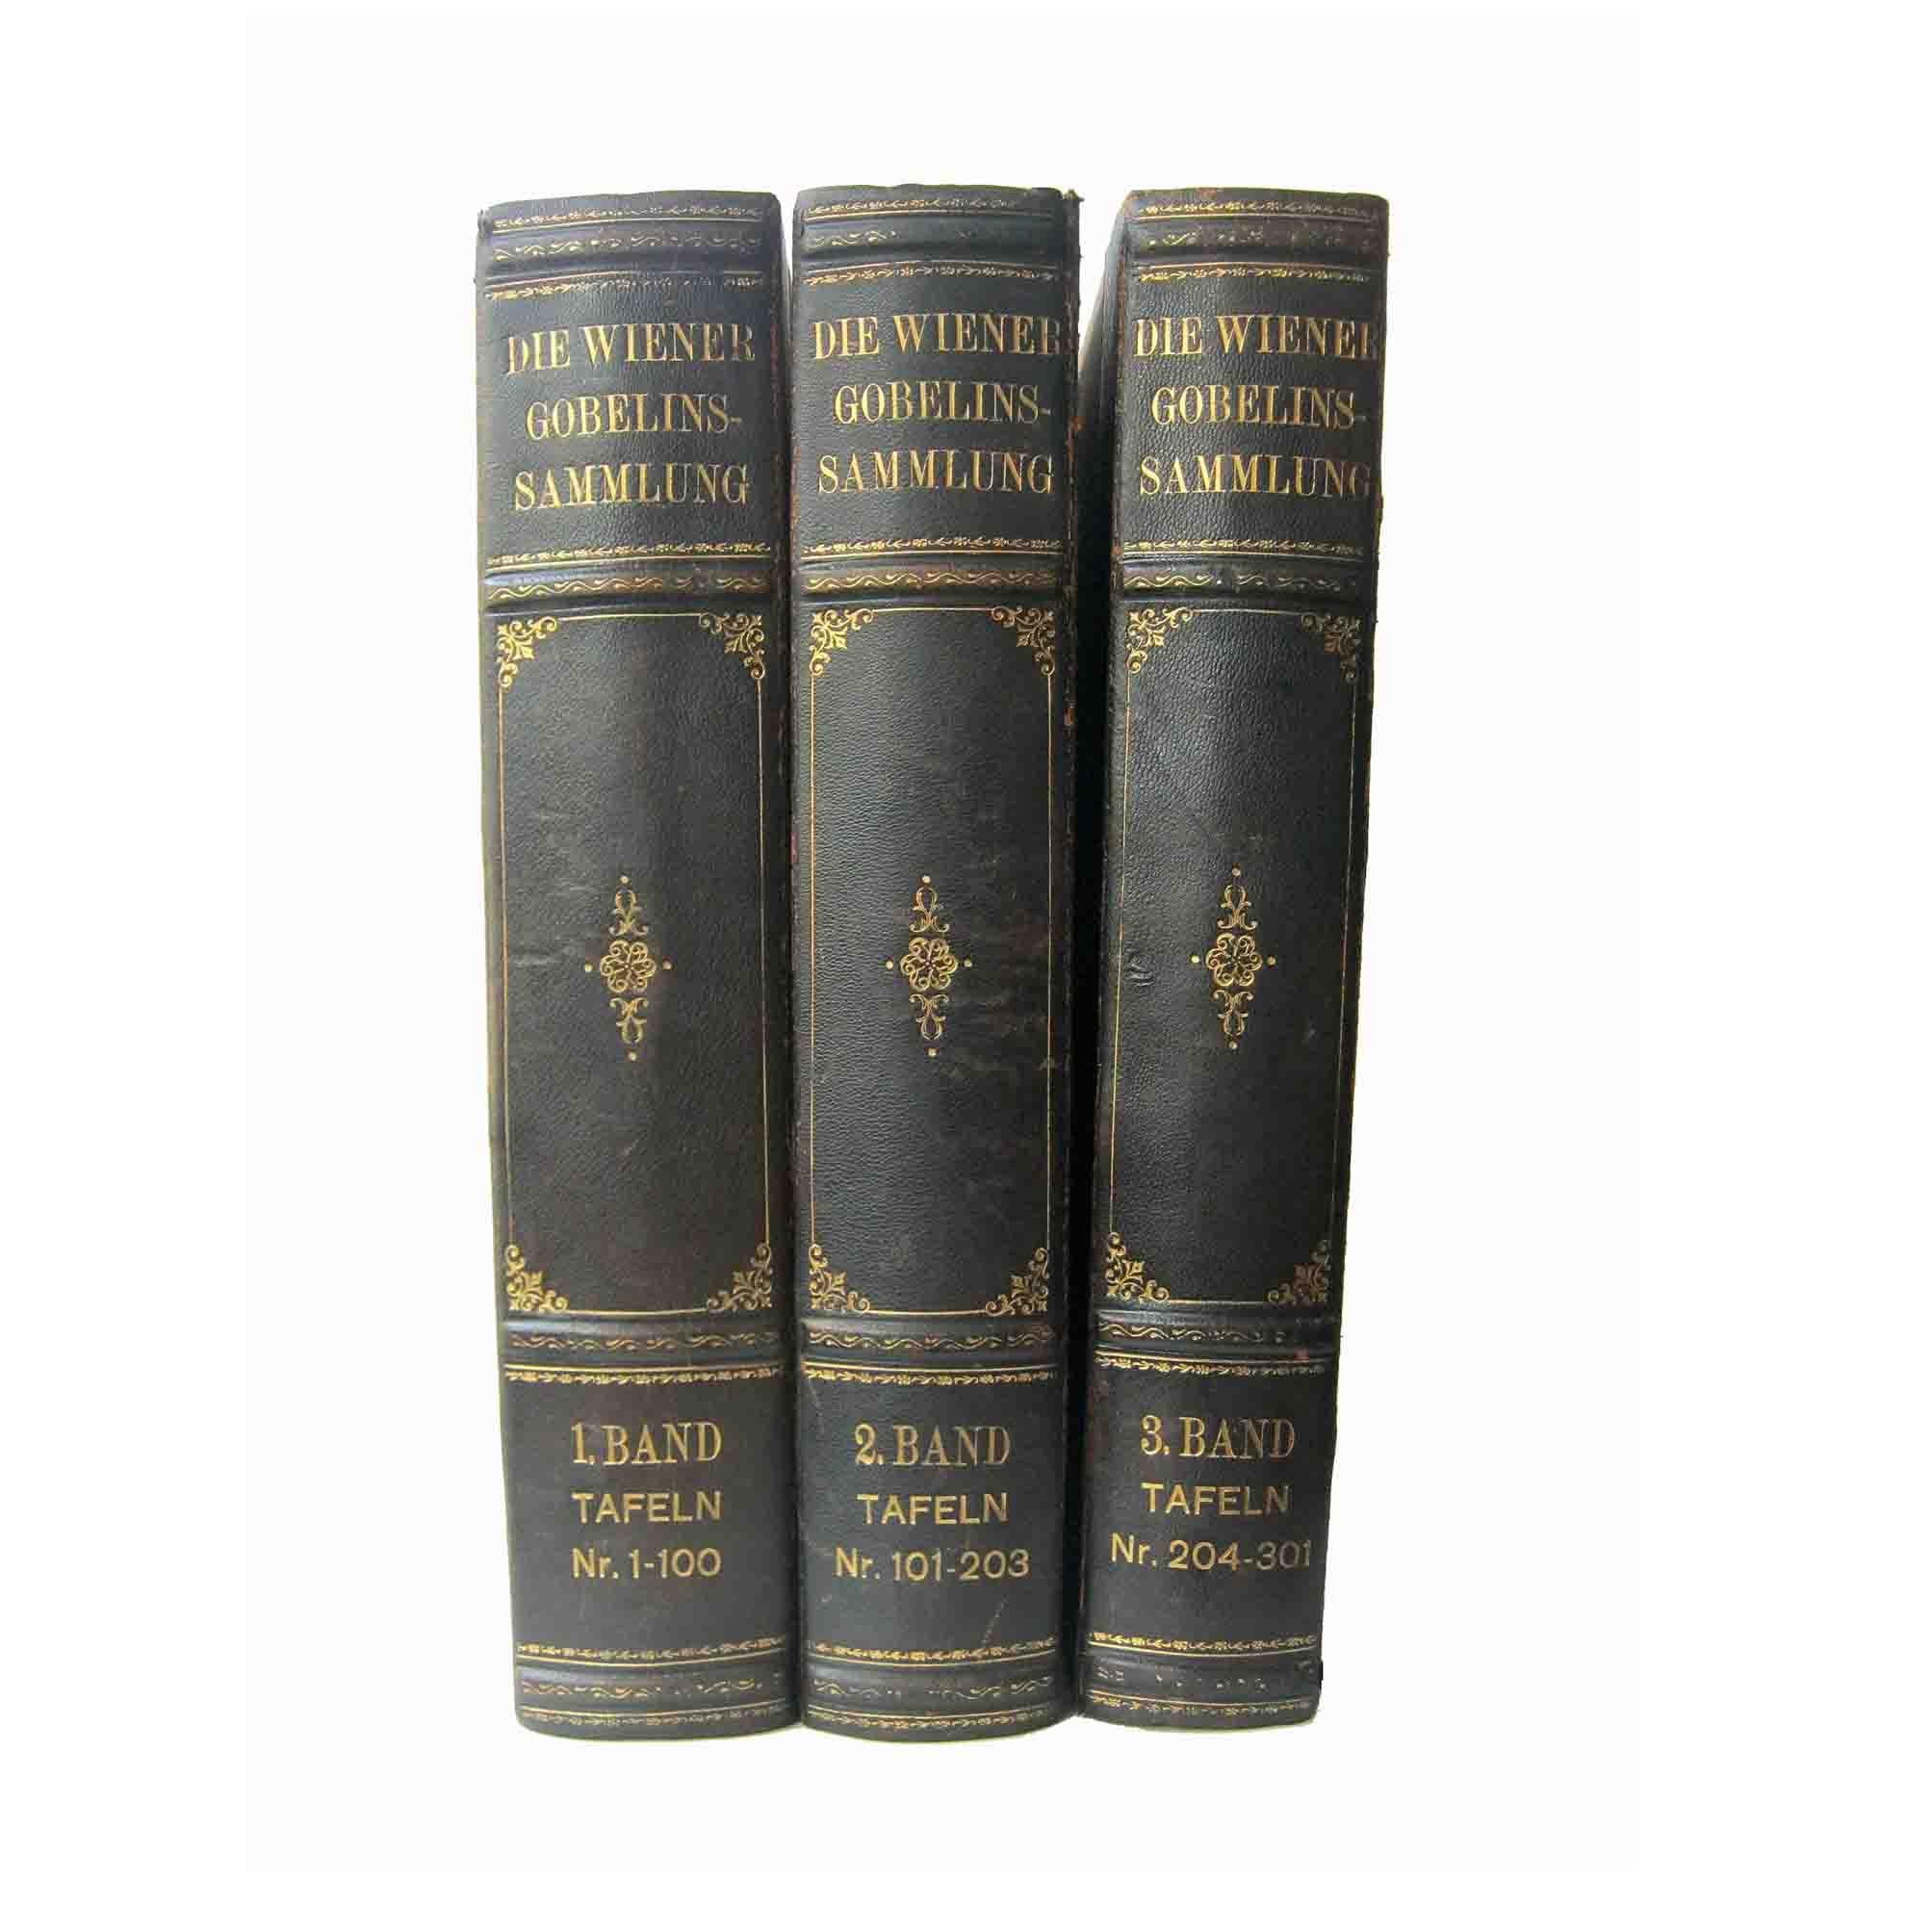 5696-Baldass-Wiener-Gobelins-1920-Covers-free-N.jpg